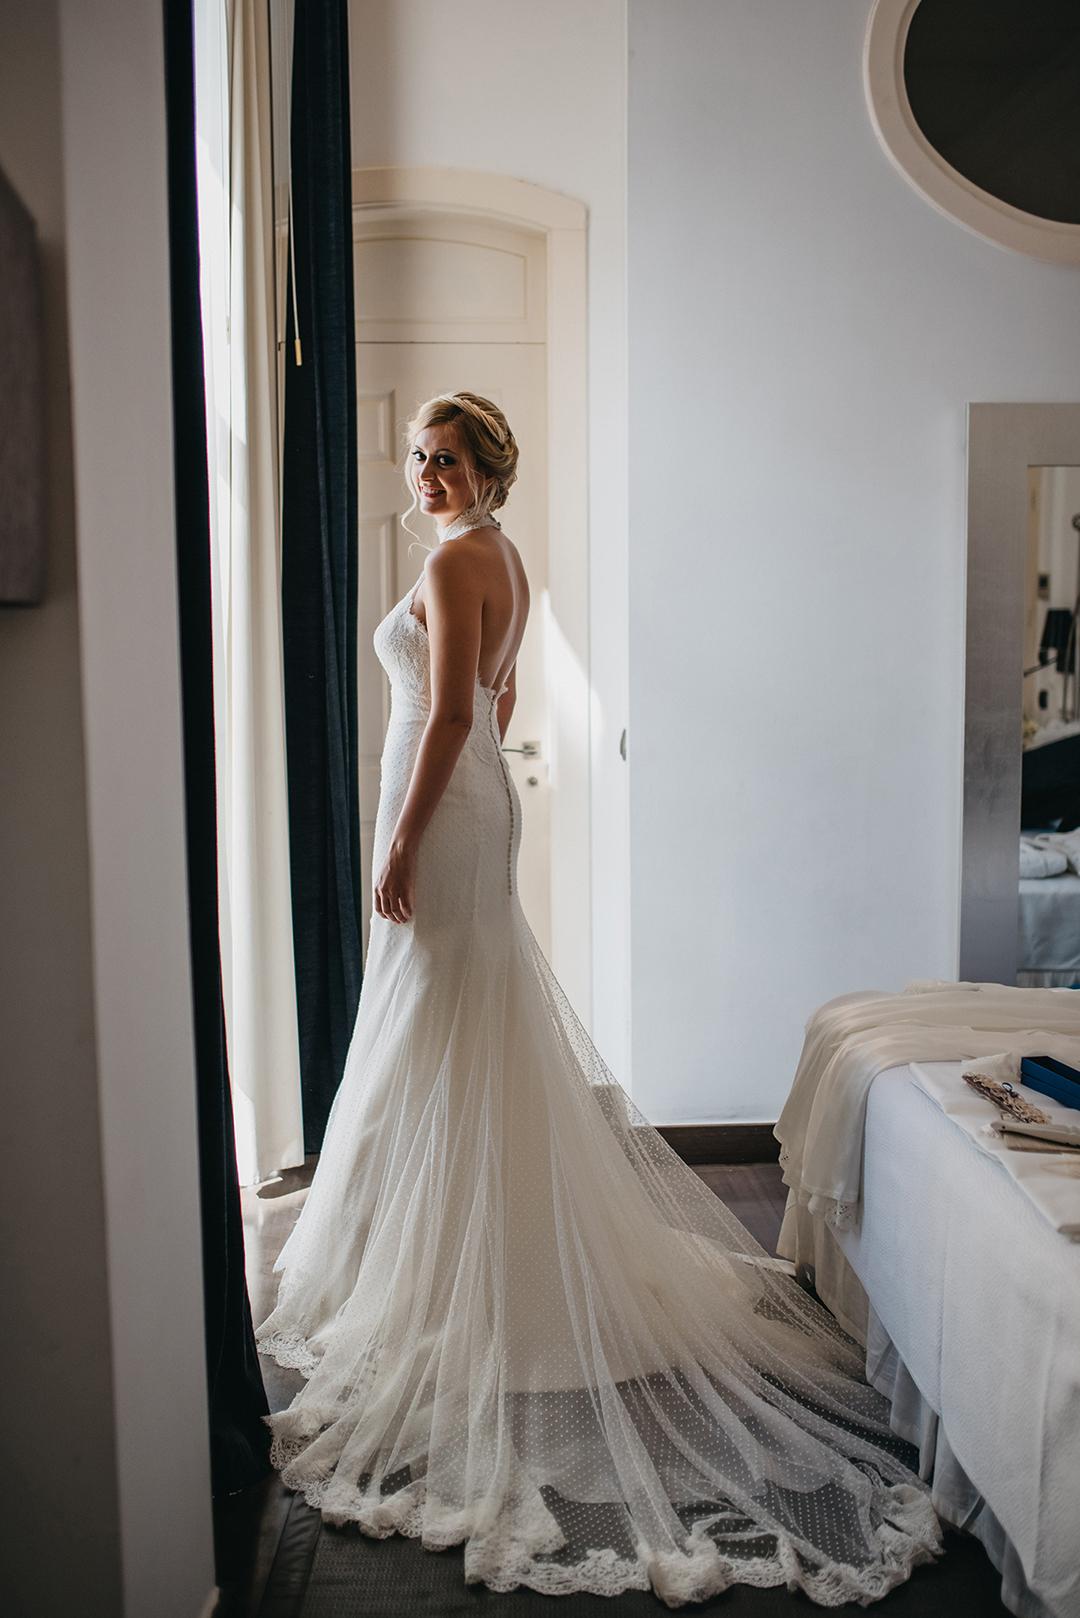 Fotografías de boda en Almeria, Boda Elegante